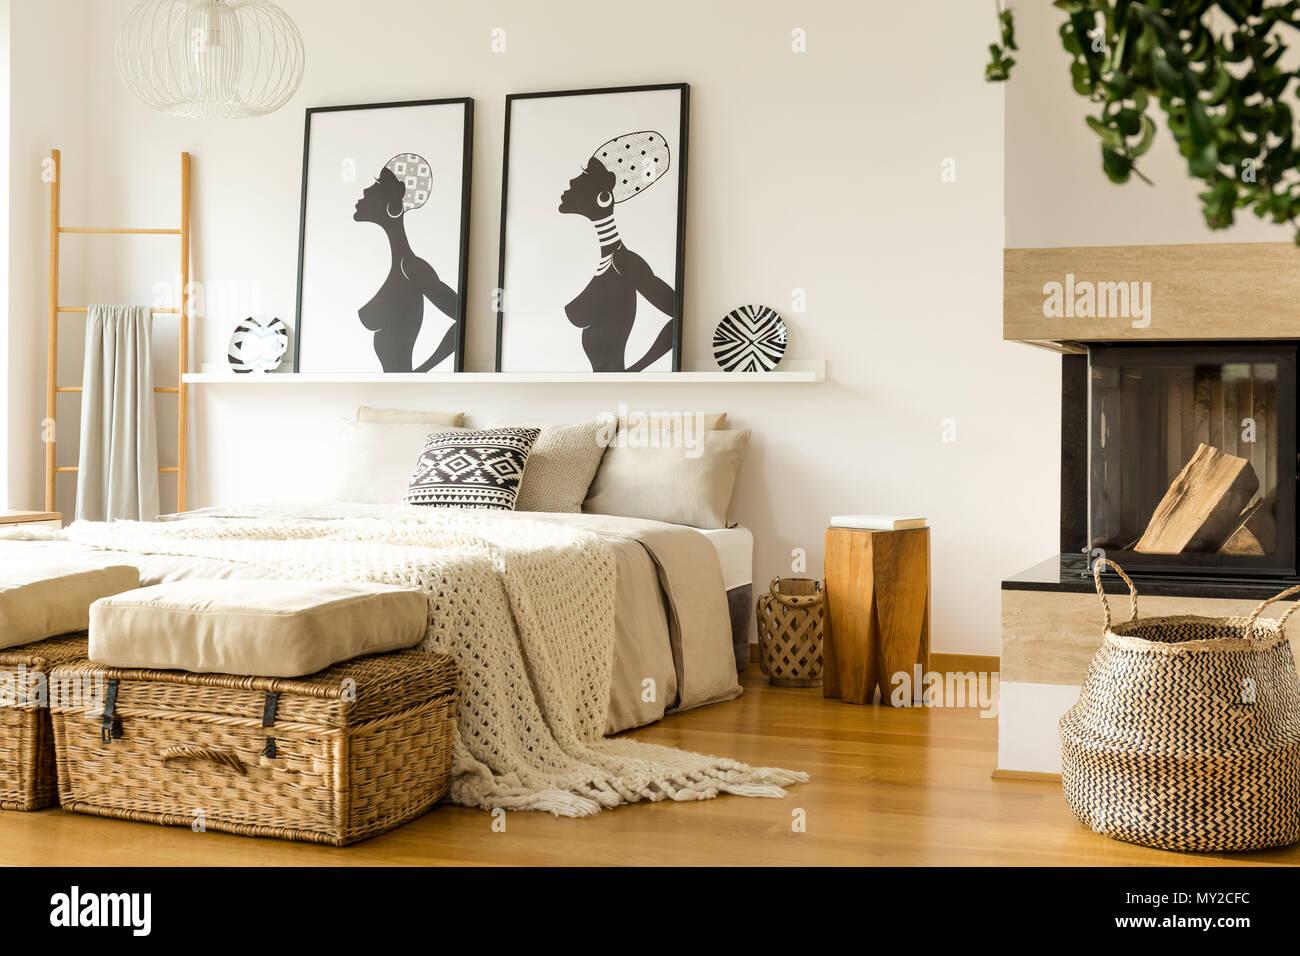 Sgabello in legno accanto al letto con coperta in maglia in caldo